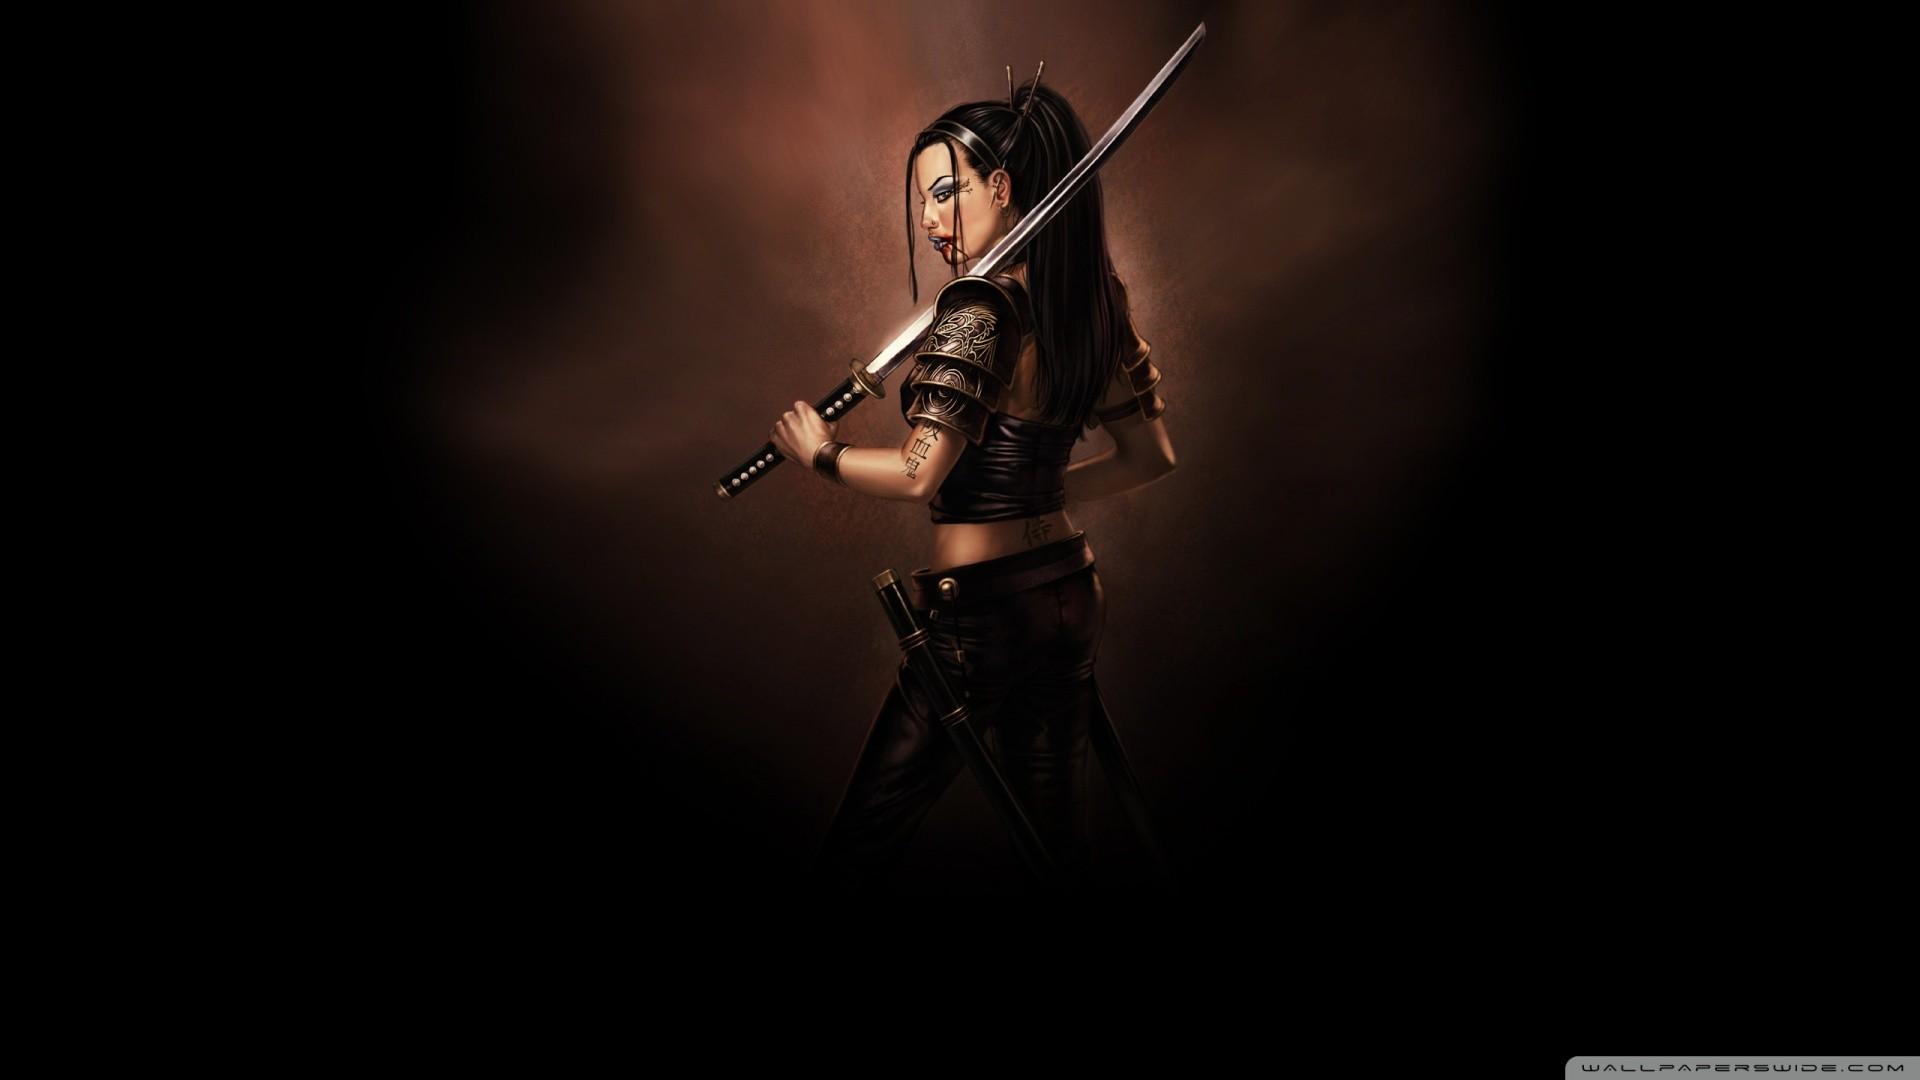 Samurai Sword Wallpaper Samurai, Sword